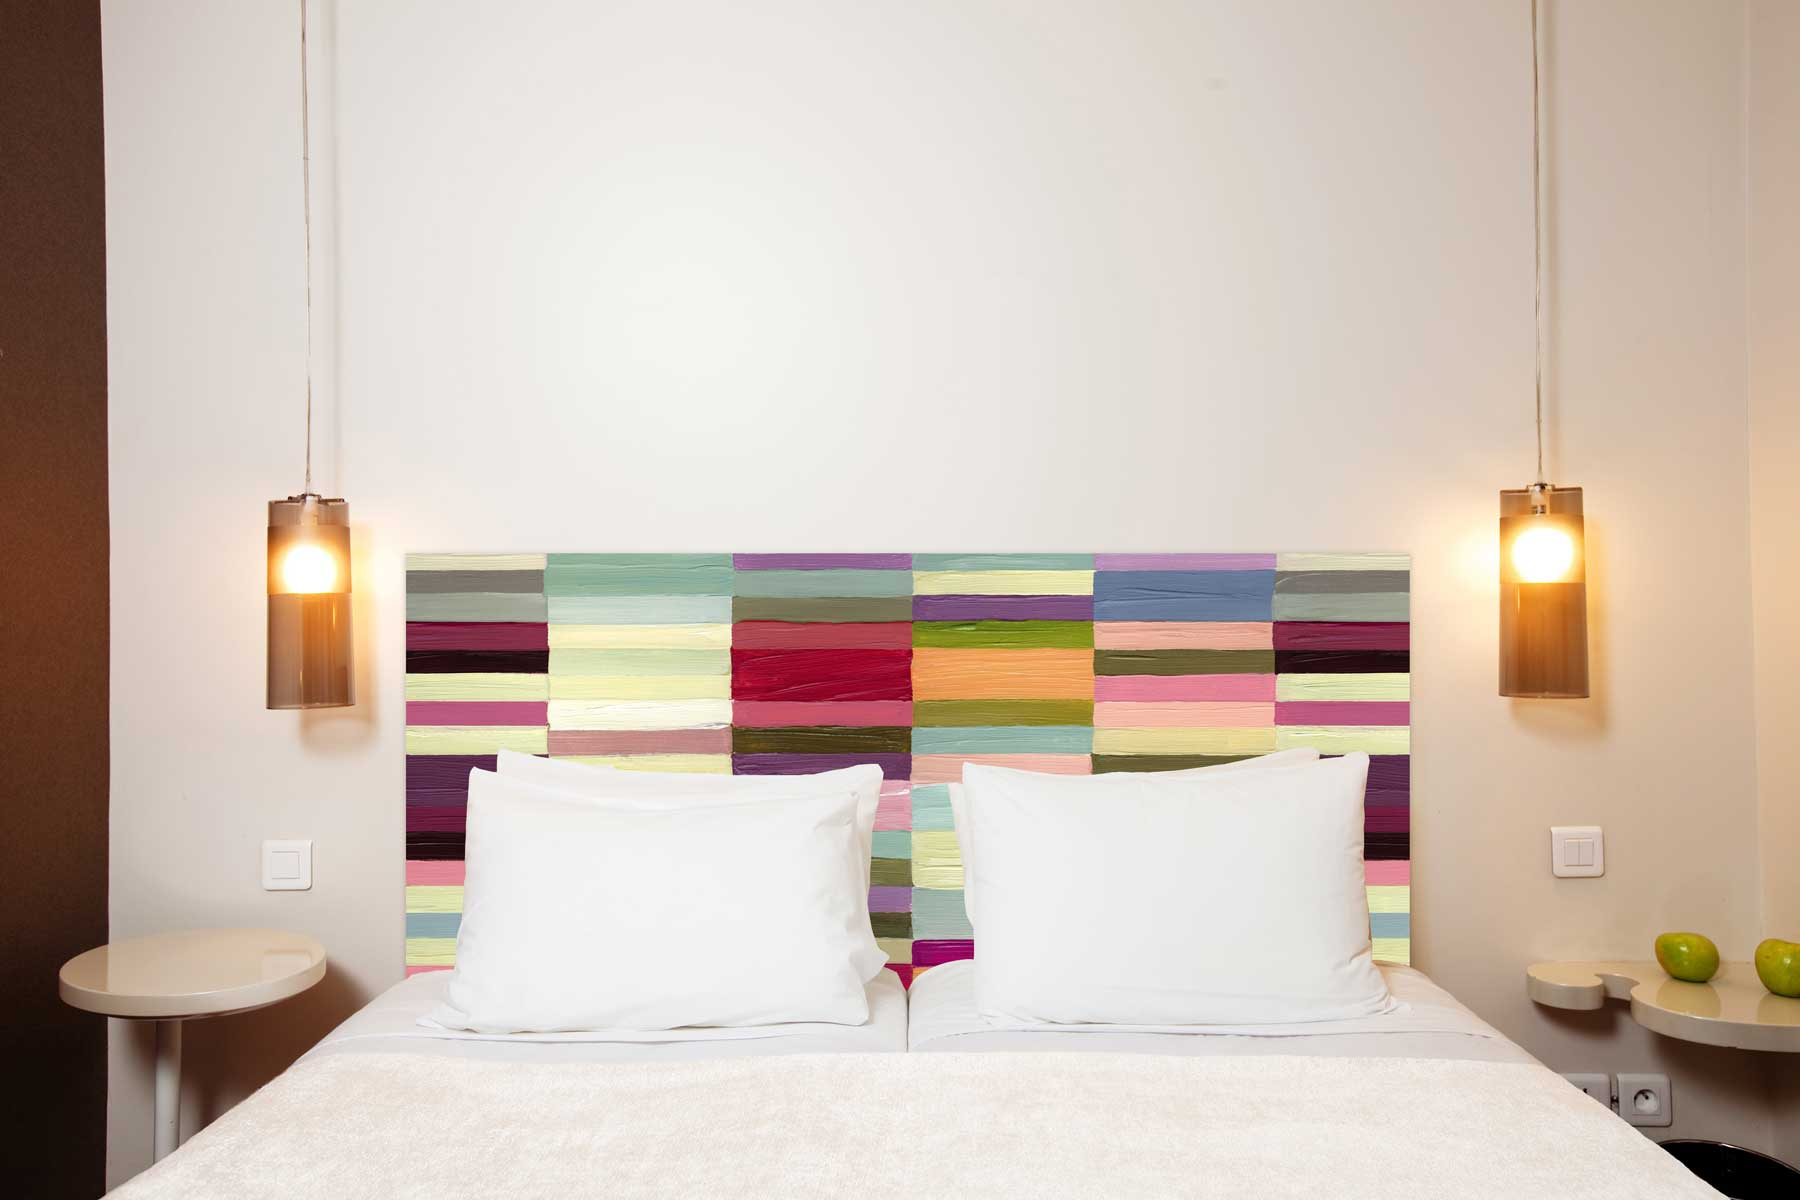 Tête de lit sans support en bois 180*70 cm